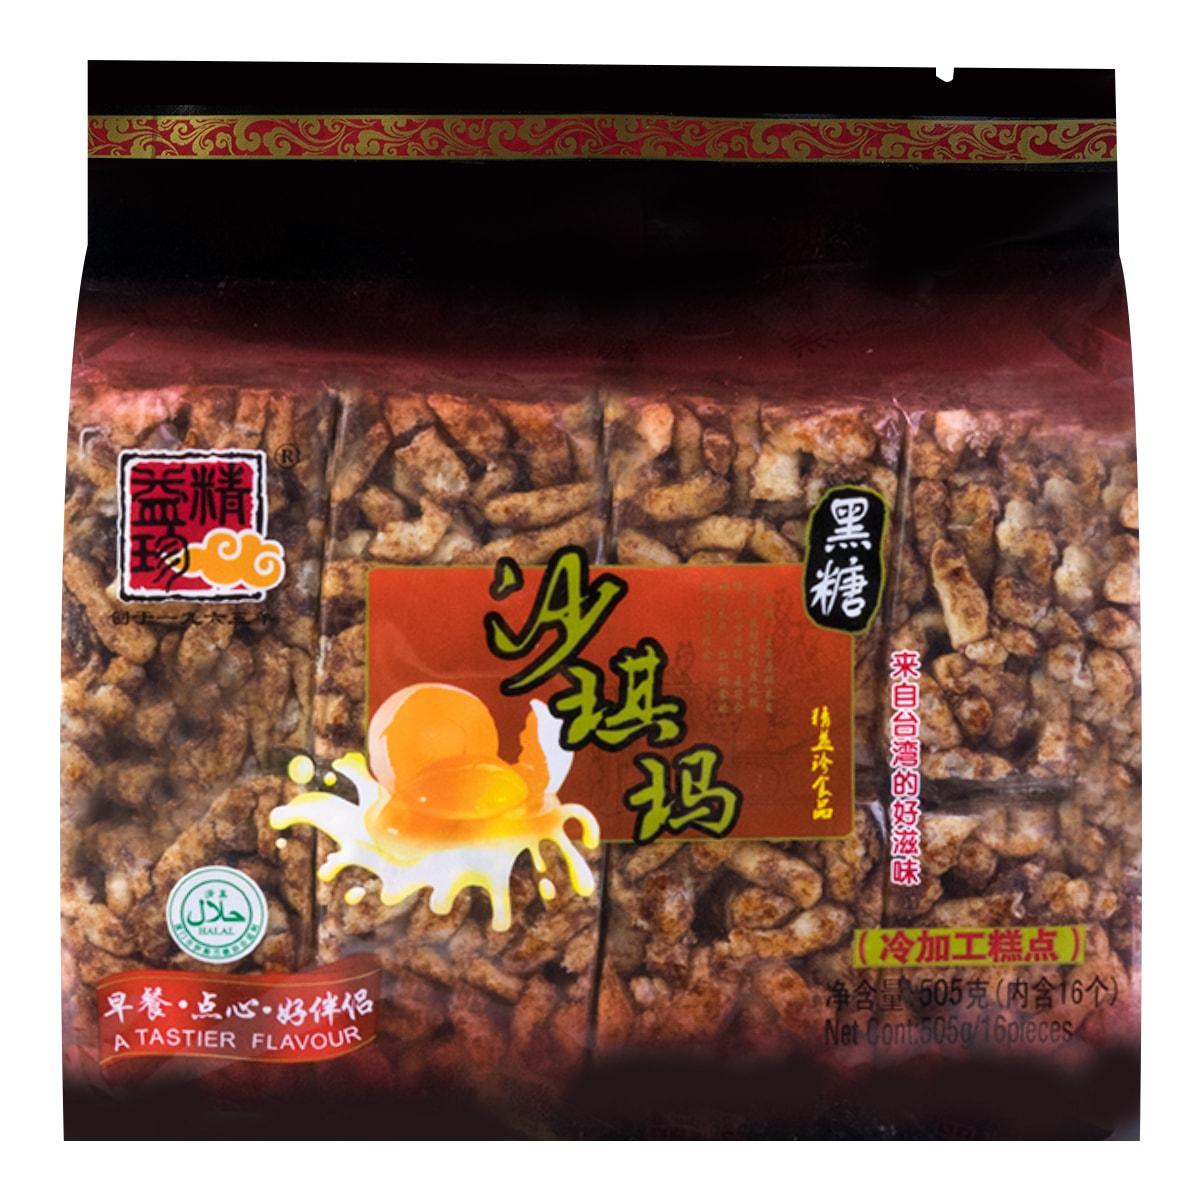 精益珍 沙琪玛 黑糖味 16枚入 505g